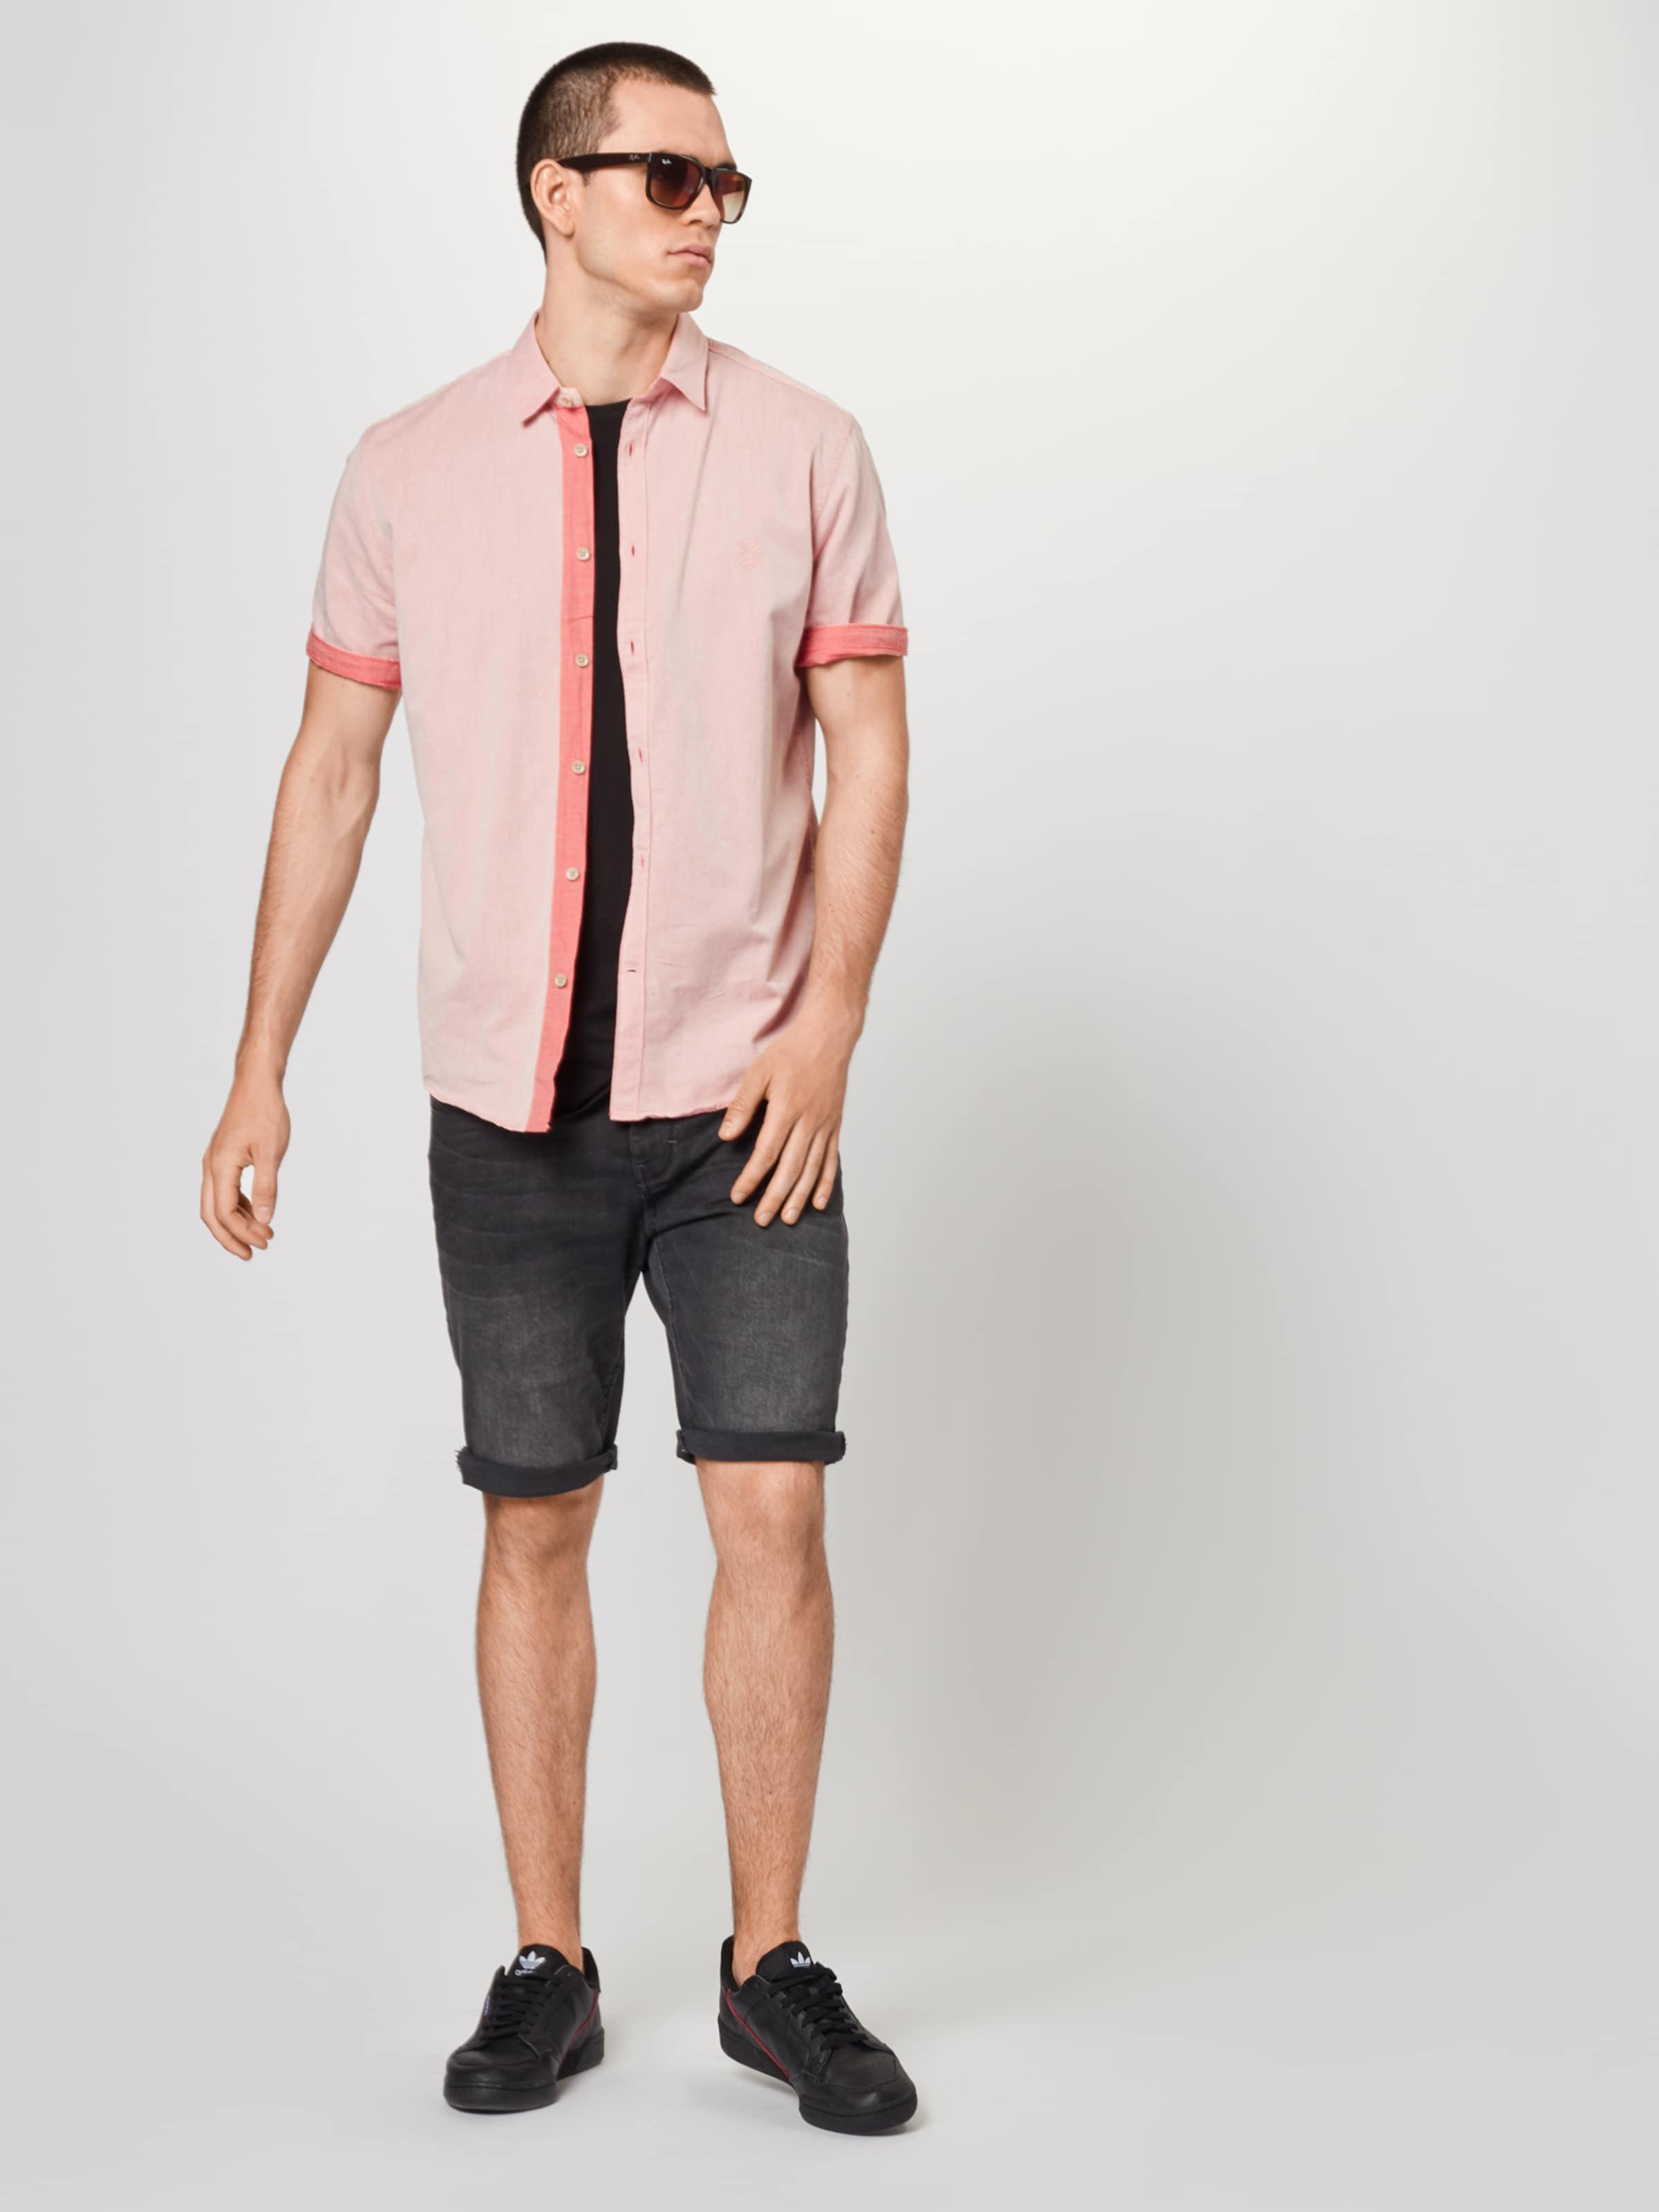 Tailor Tailor Rosa In Rosa Tom In Tom Hemd Hemd jLcS3Aq54R